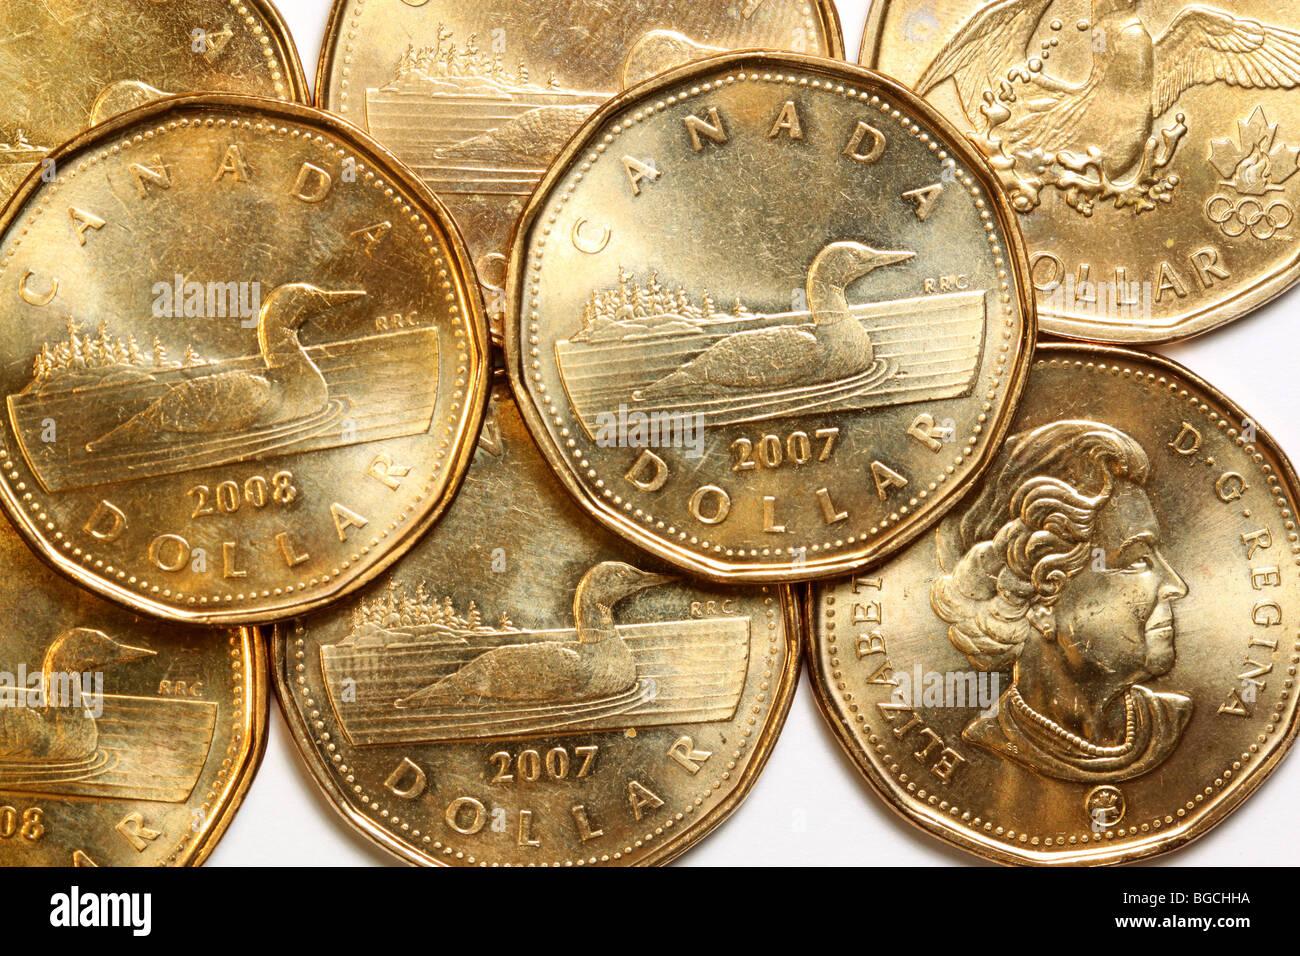 Kanadischer Dollar Münzen Stockfoto Bild 27322102 Alamy